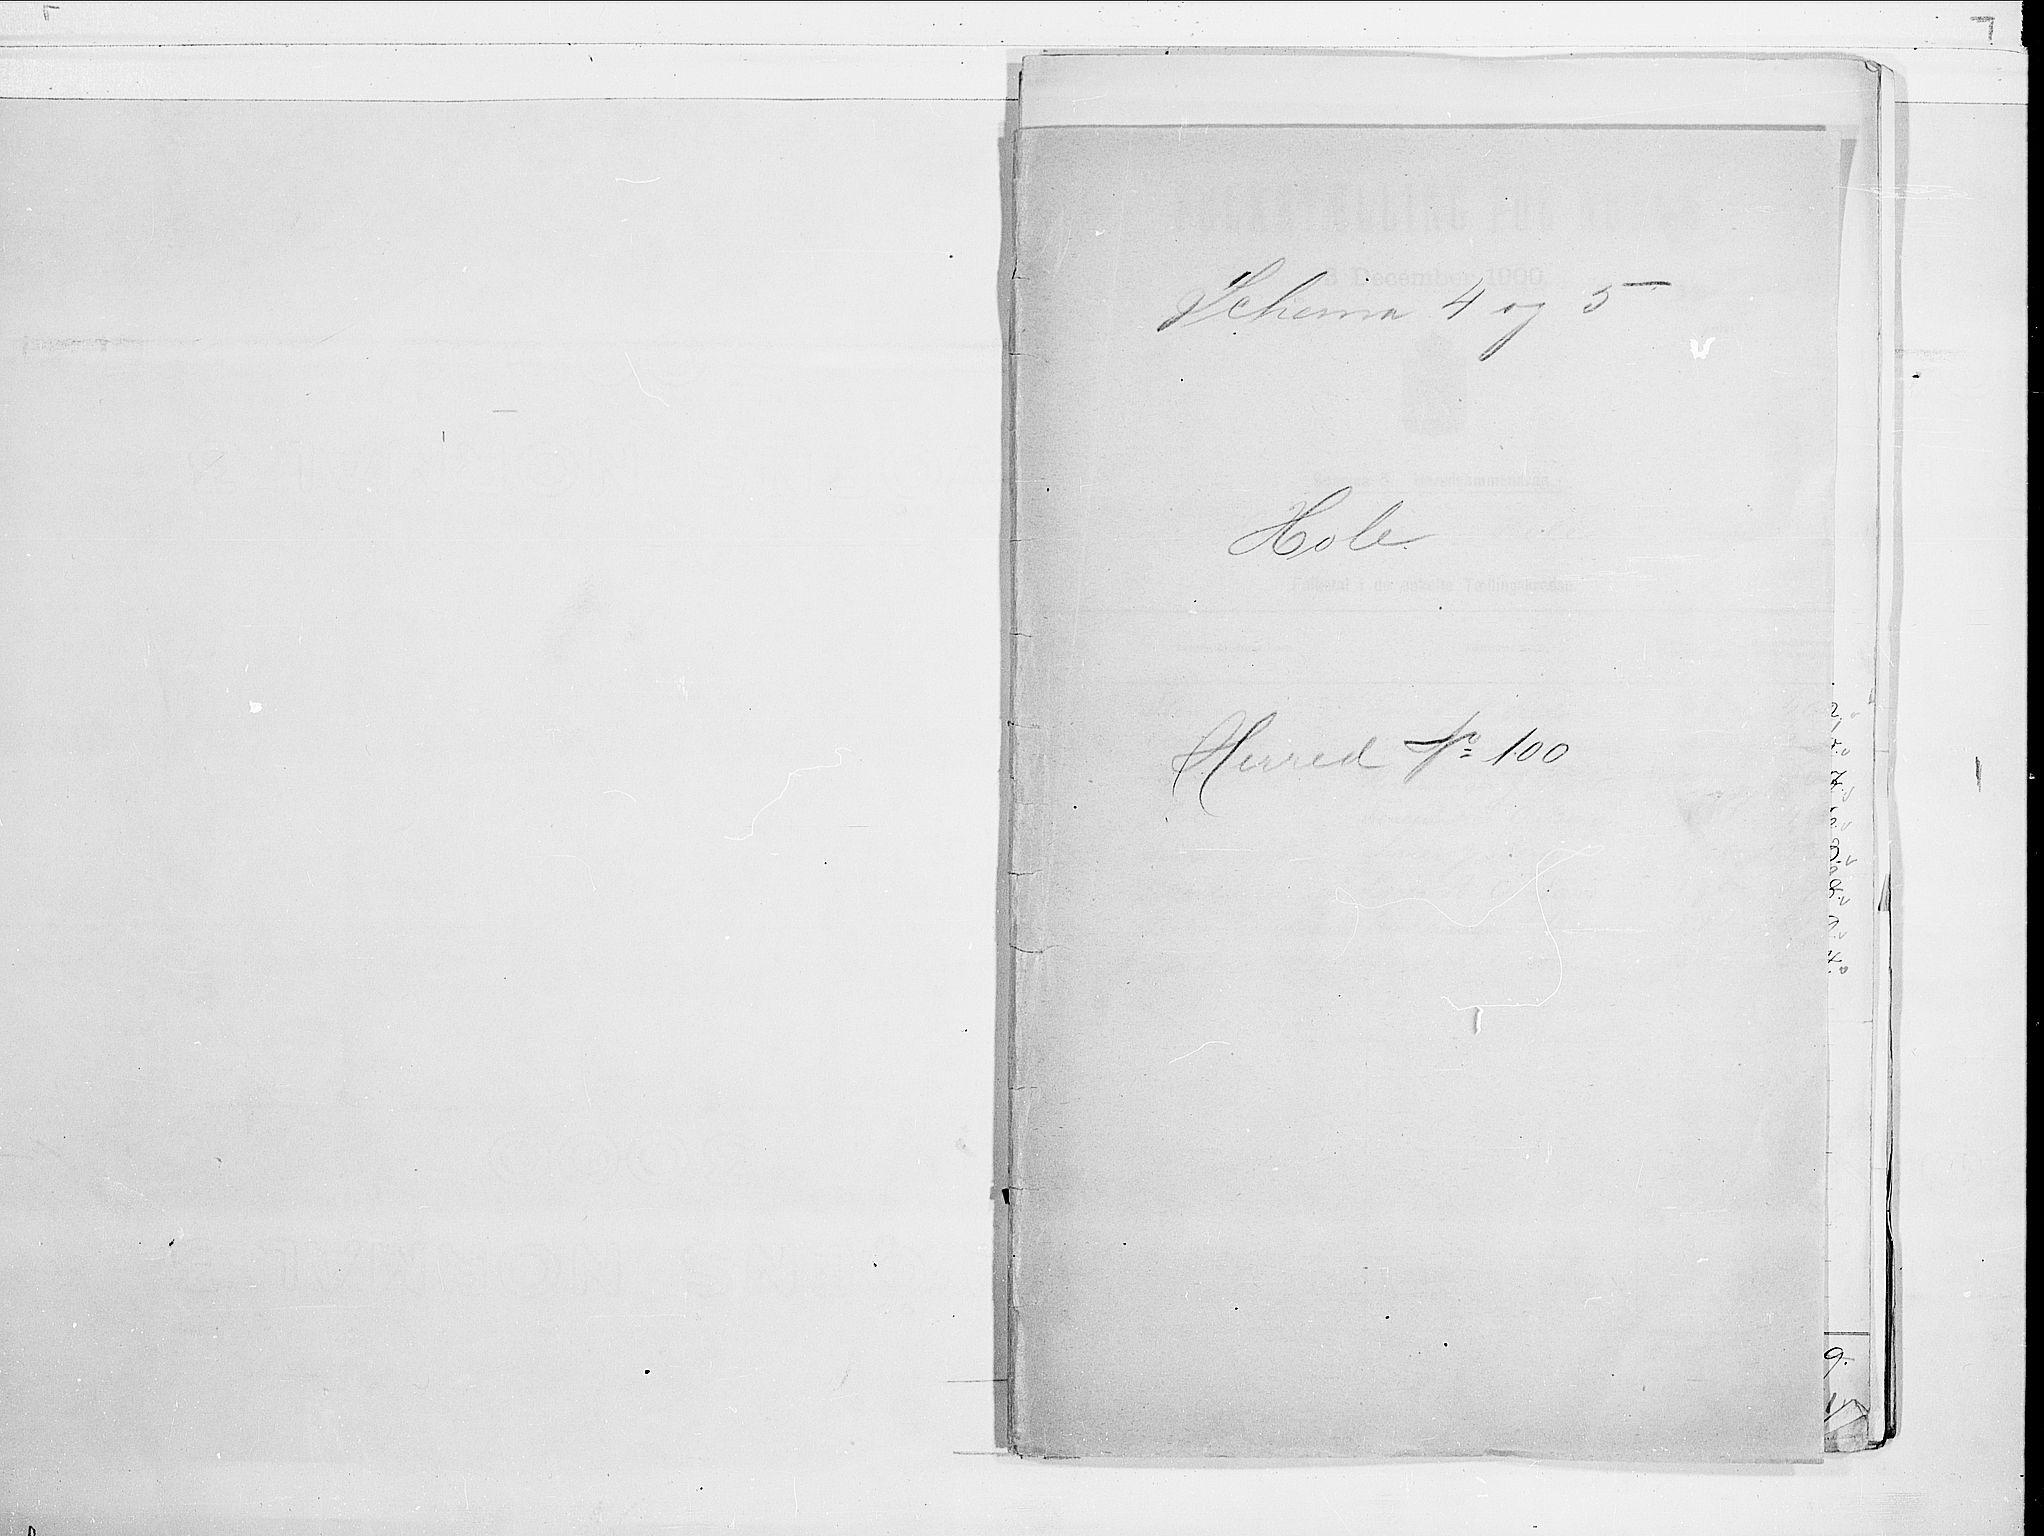 RA, Folketelling 1900 for 0612 Hole herred, 1900, s. 1